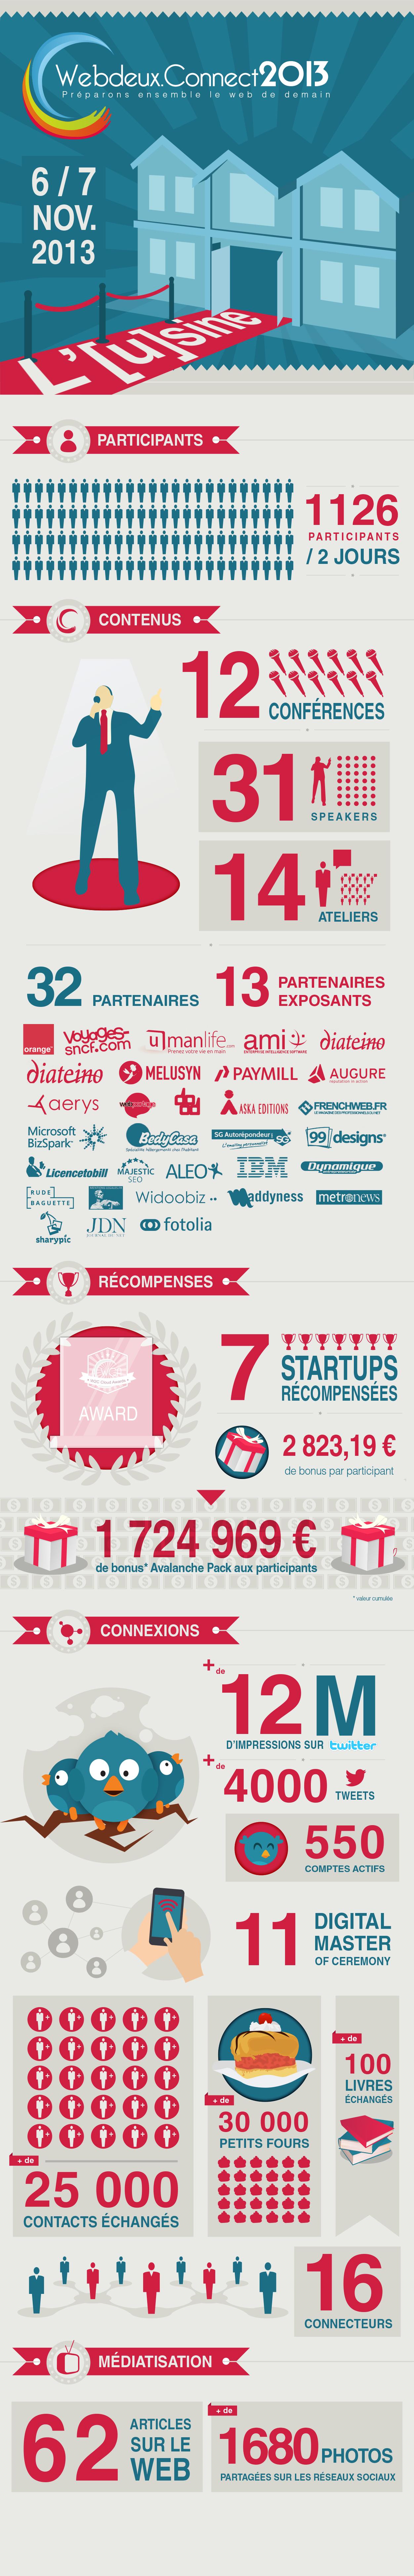 webdeux Connect 2013